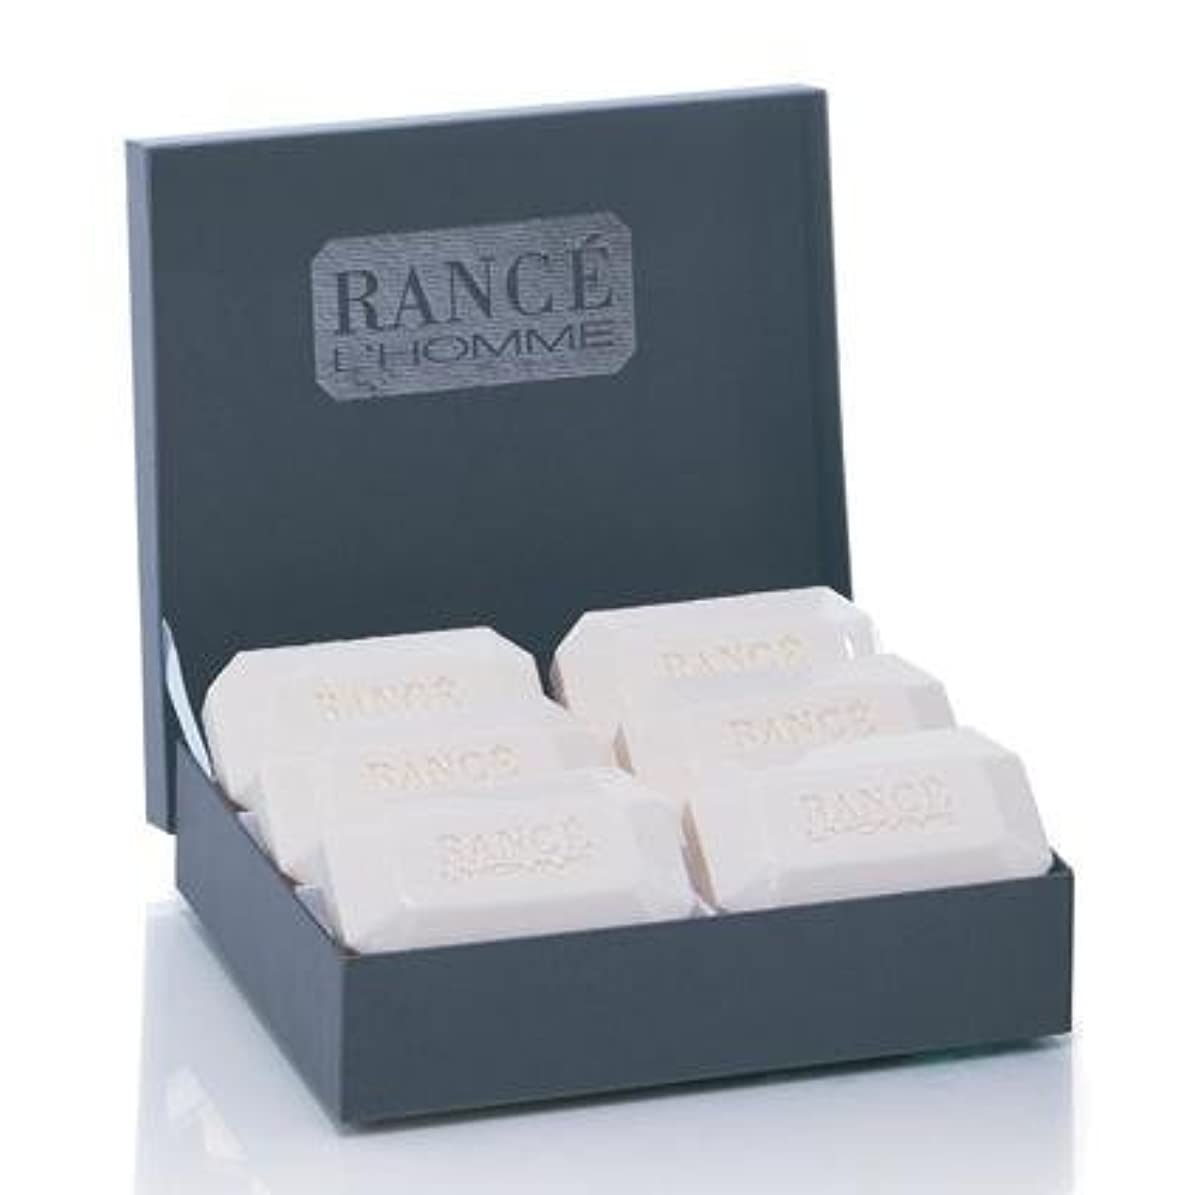 取るに足らないどこすすり泣きRancé L'Homme Soapbox(ランセ ロム ソープボックス)6 x 100g [並行輸入品]